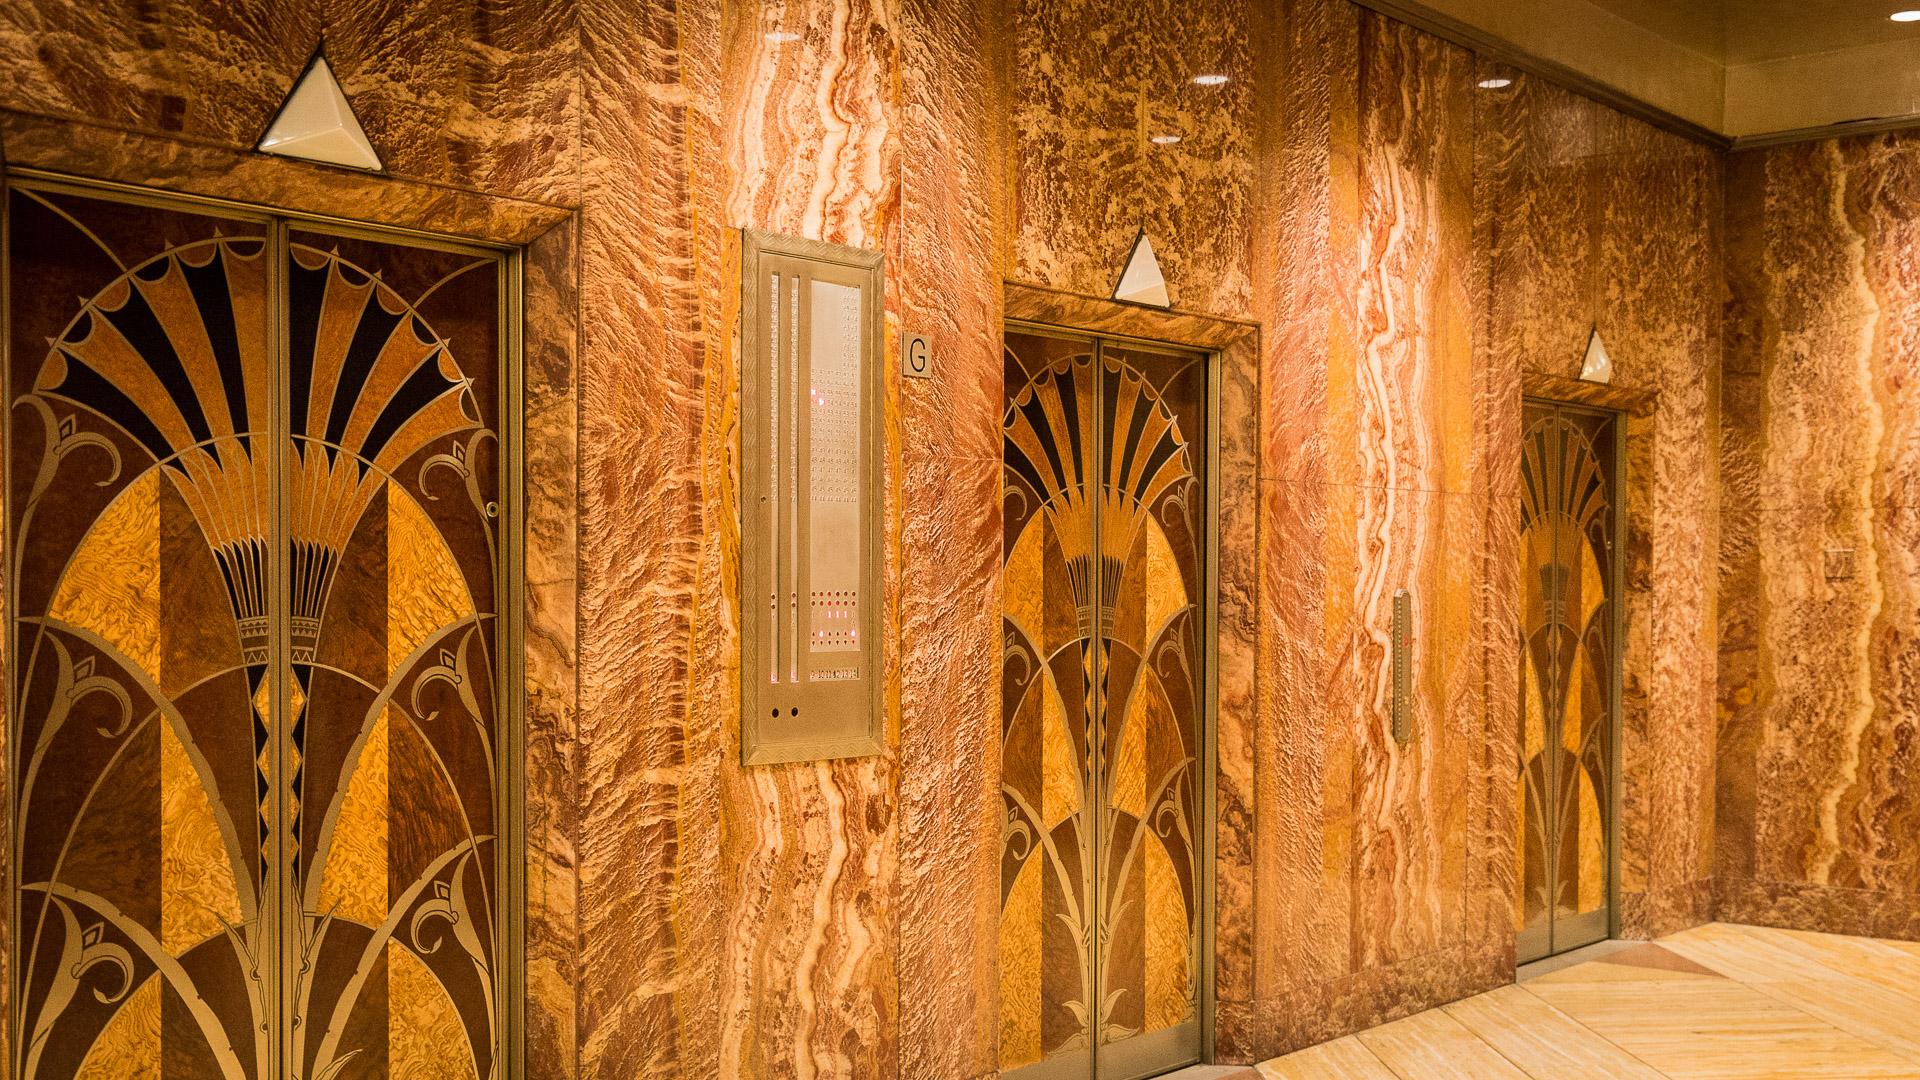 Aufzugtüren im Chrysler Building